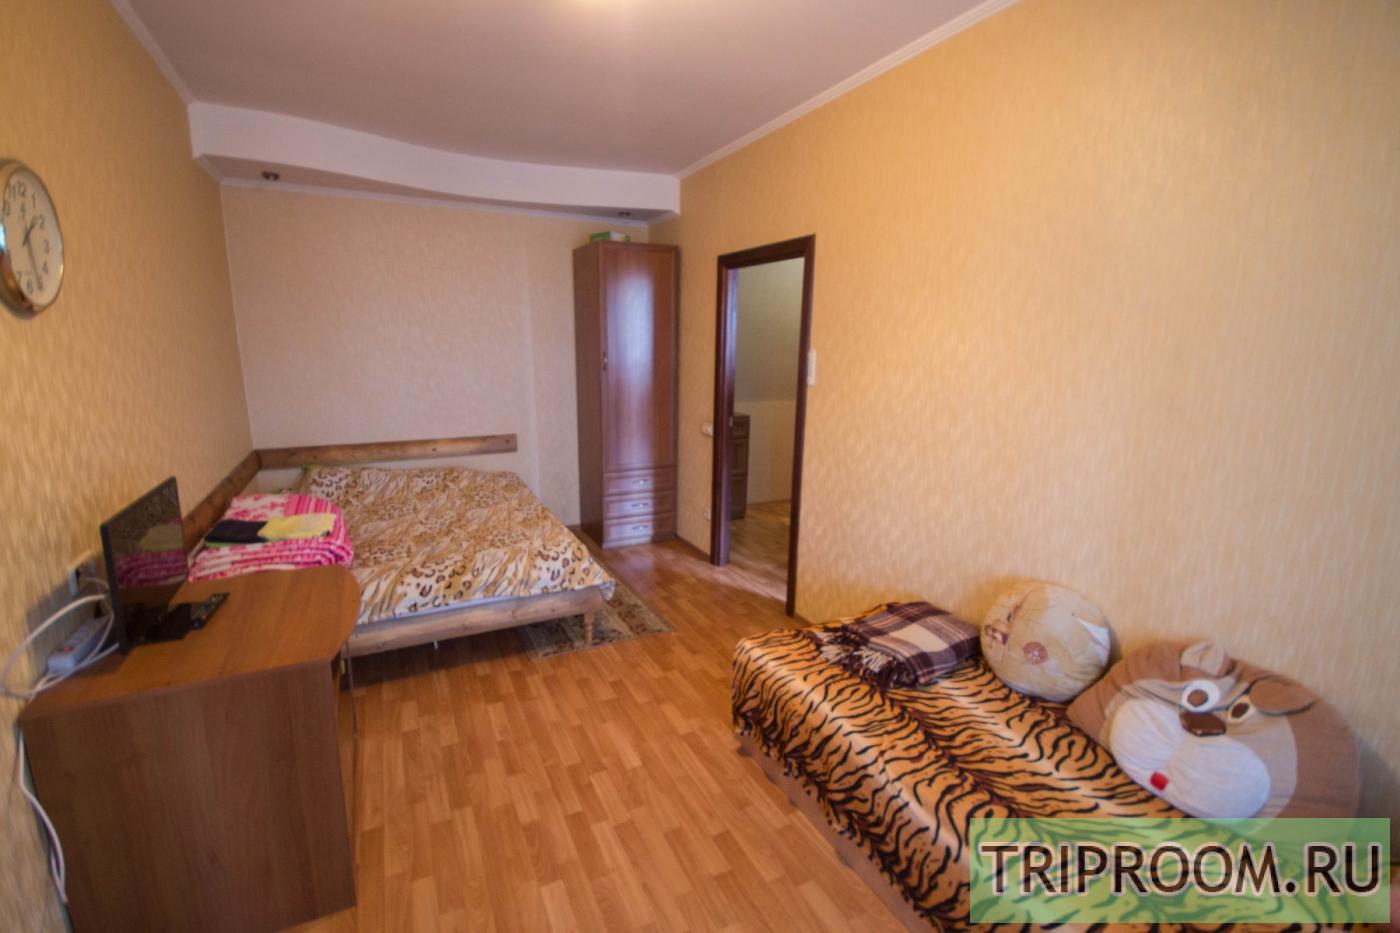 1-комнатная квартира посуточно (вариант № 19472), ул. Севастопольская улица, фото № 4